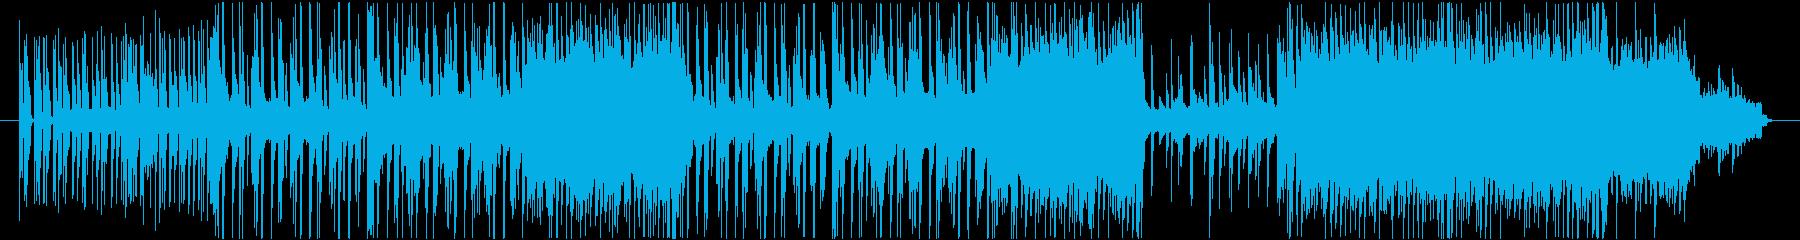 近未来感とレトロ要素が混じったテクノ音楽の再生済みの波形